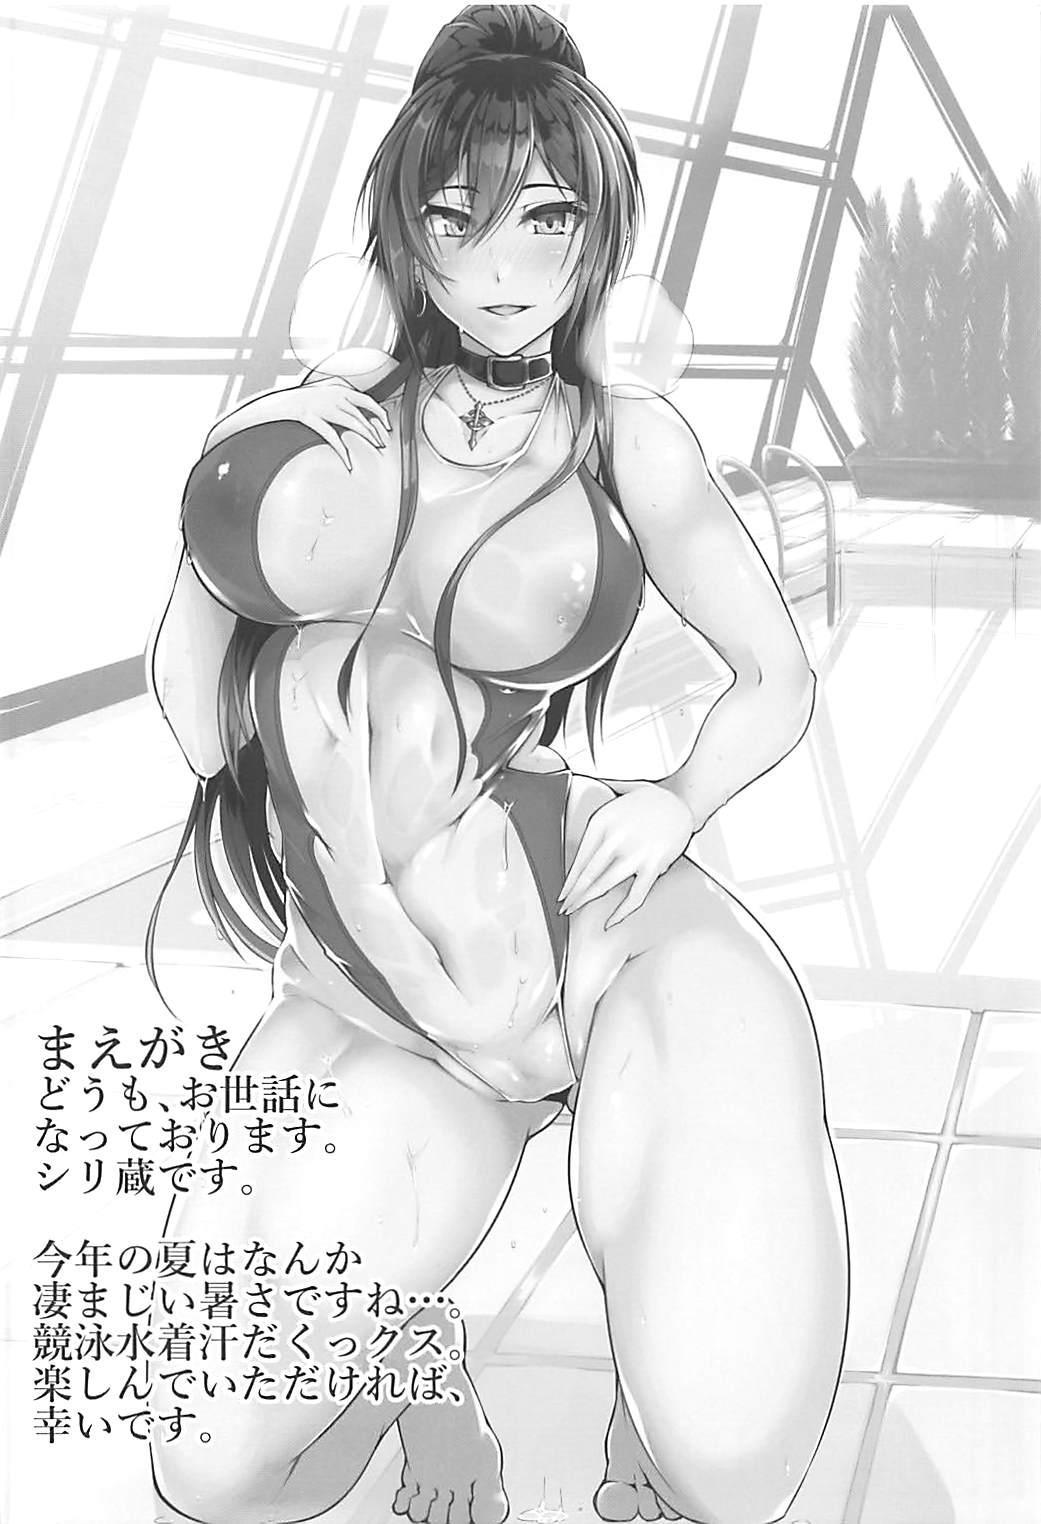 Atsui Hi wa Sakuya to Ase ni Mamirete Ichinichijuu 2